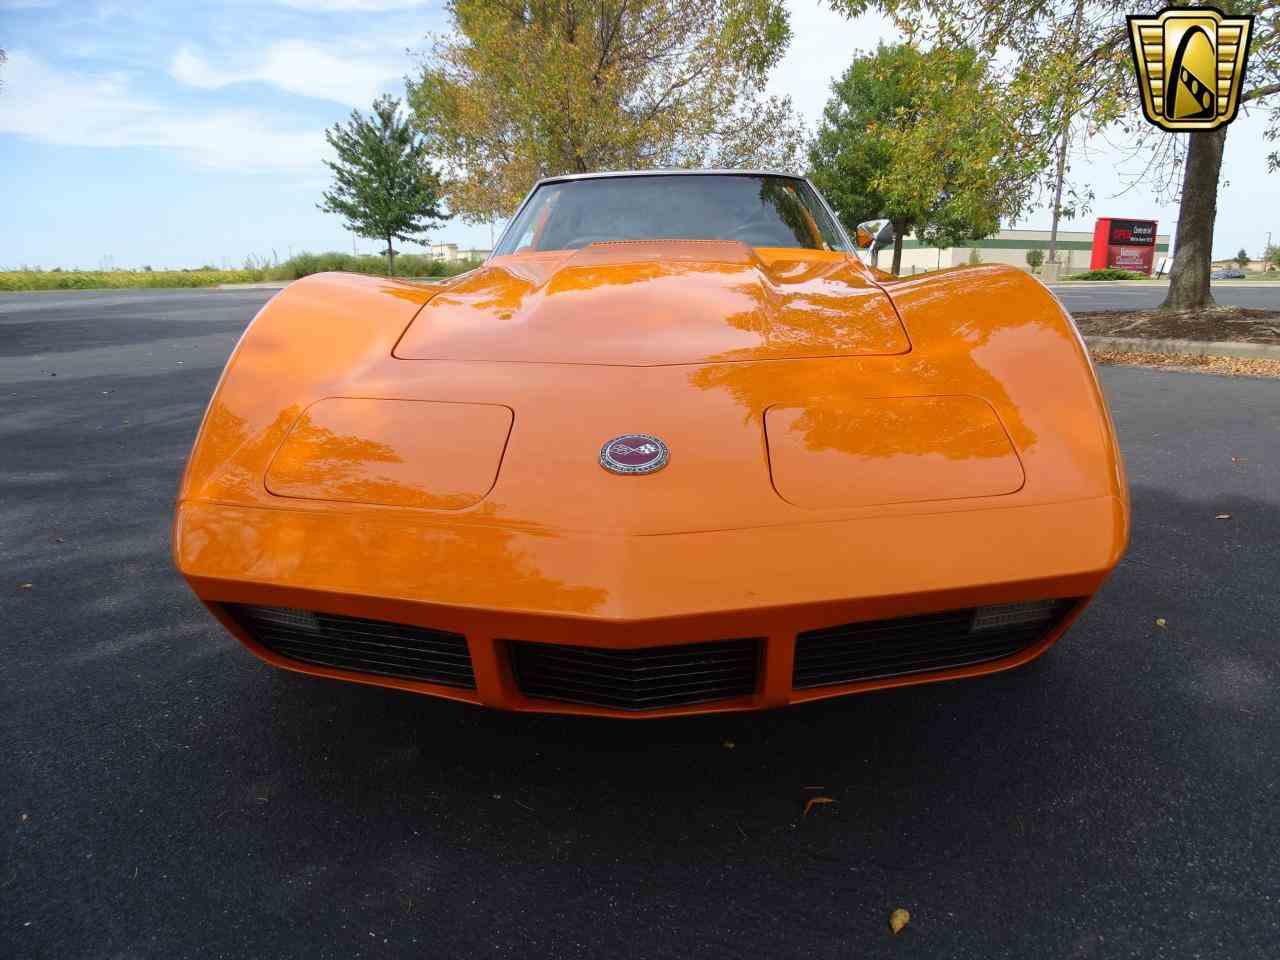 Large Picture of Classic 1973 Chevrolet Corvette located in O'Fallon Illinois - $20,995.00 - KJUW